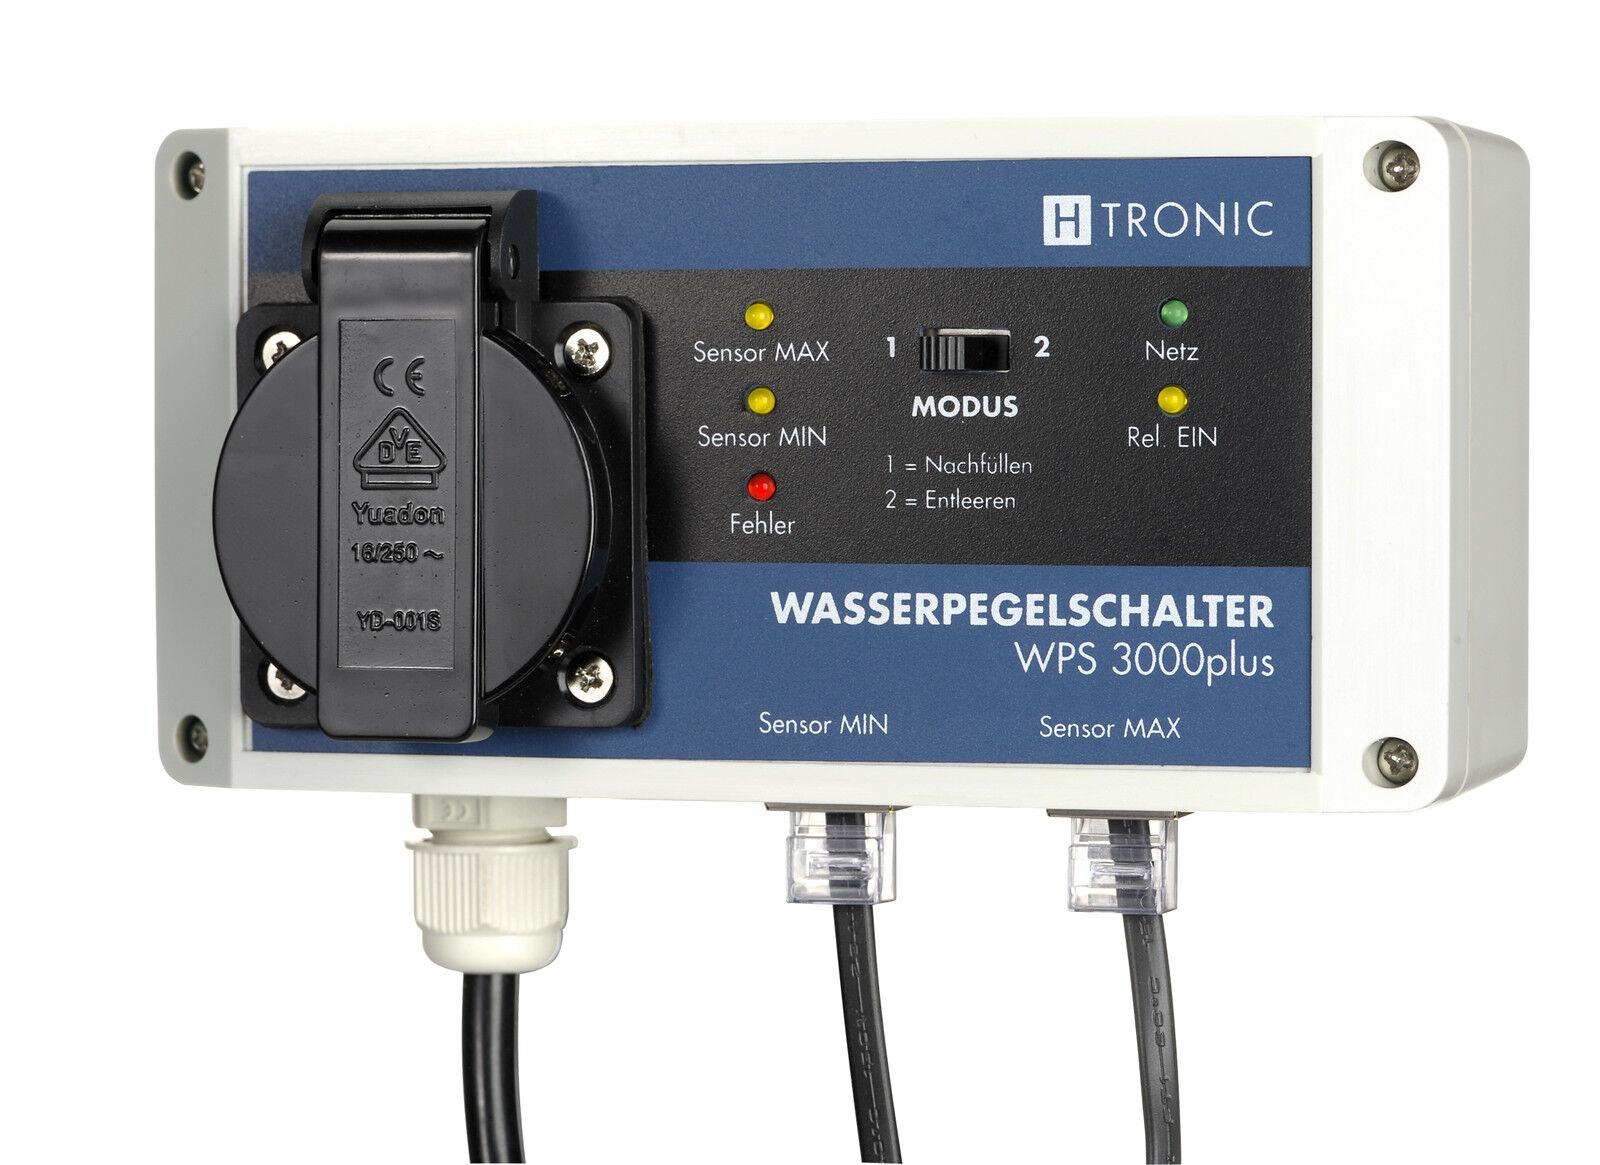 Interruptor de Nivel de Agua Wps 3000plus, Min. + Máx. con 2 Sensores